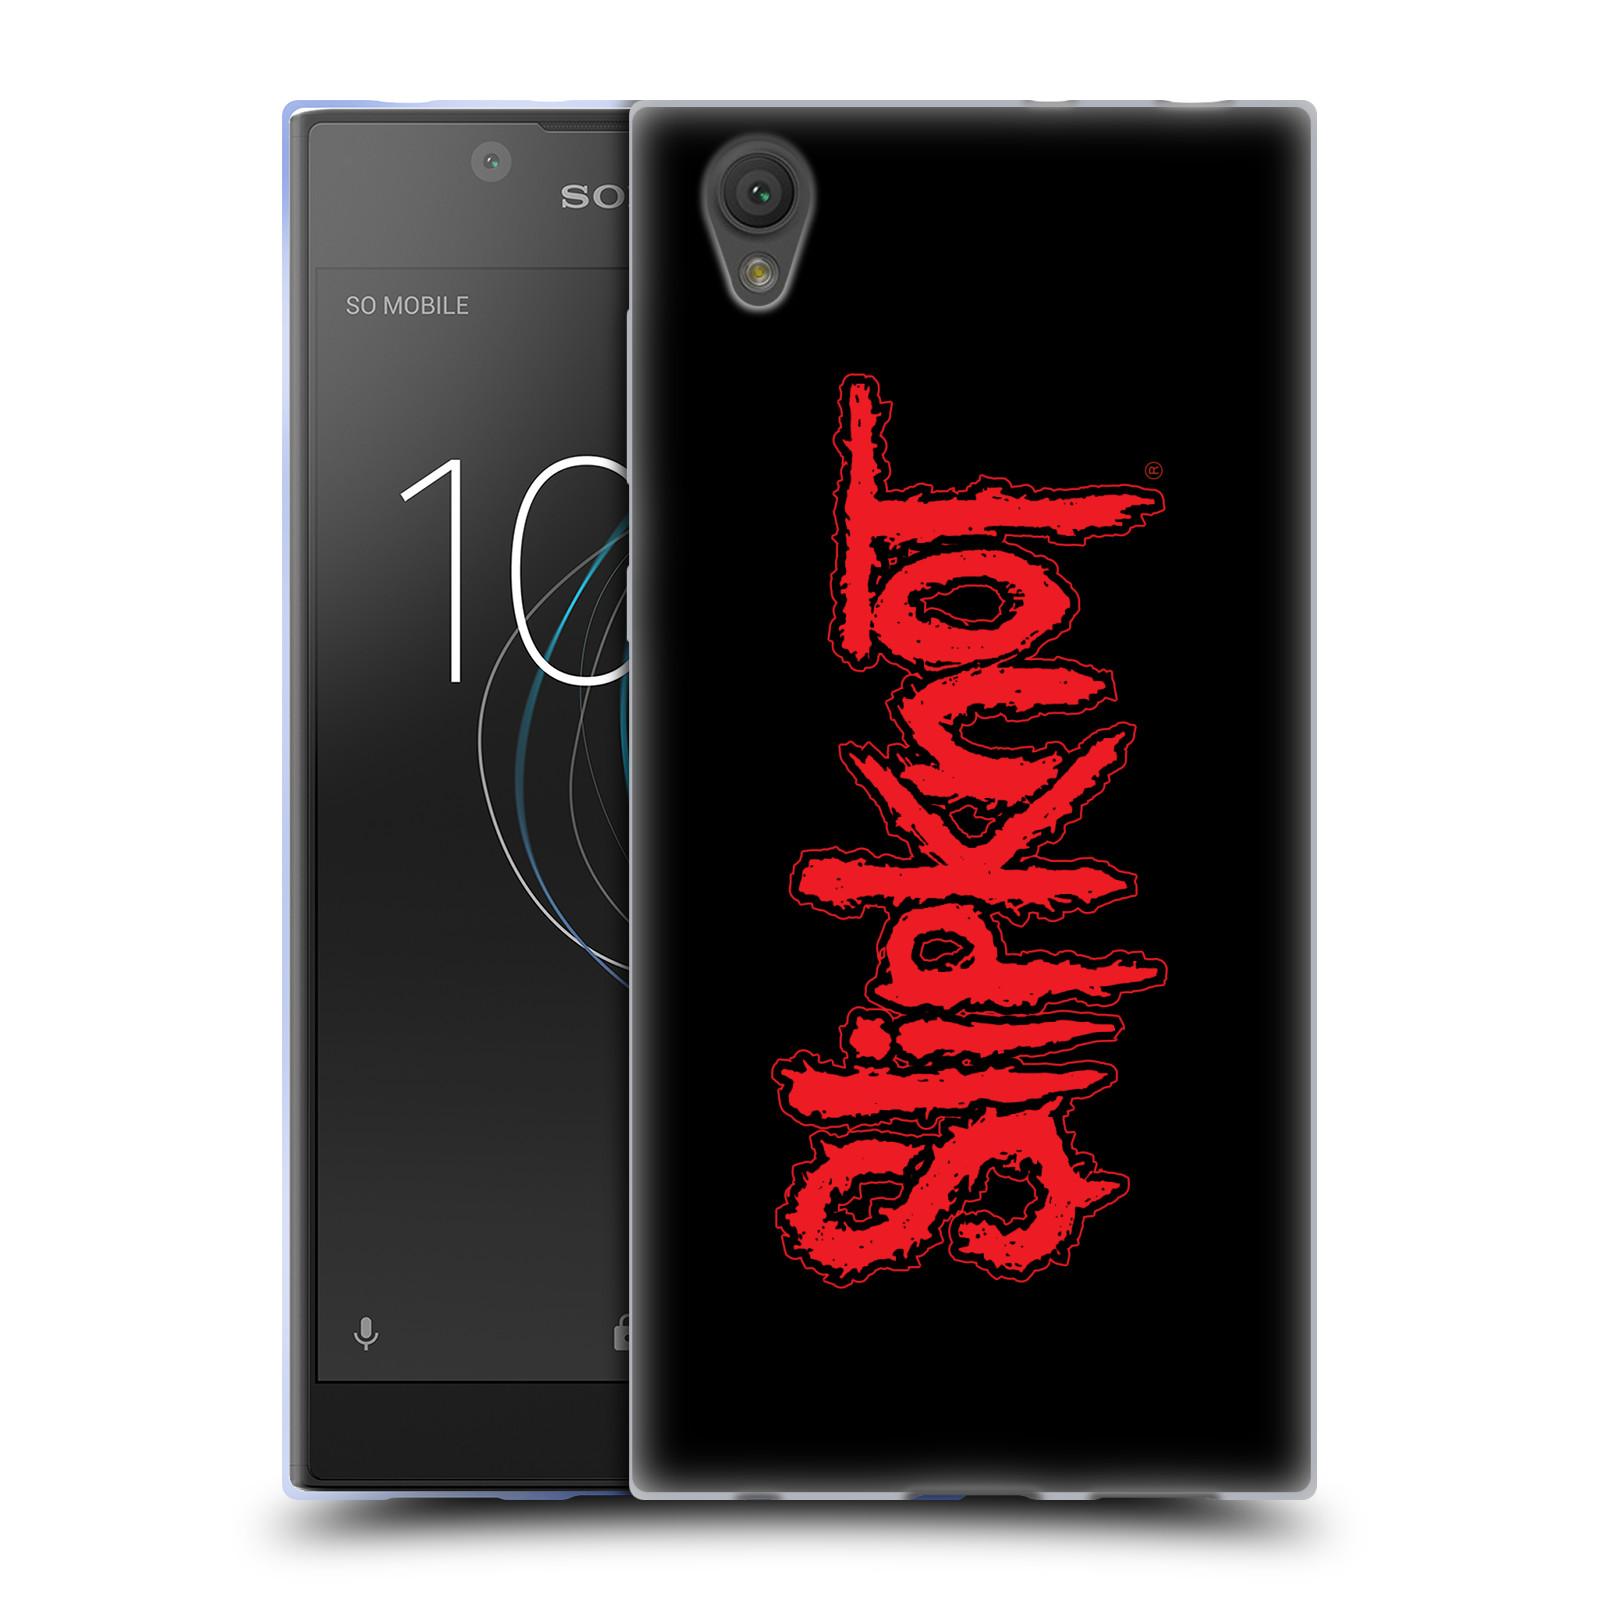 HEAD CASE silikonový obal na mobil Sony Xperia L1 hudební skupina Slipknot logo velké